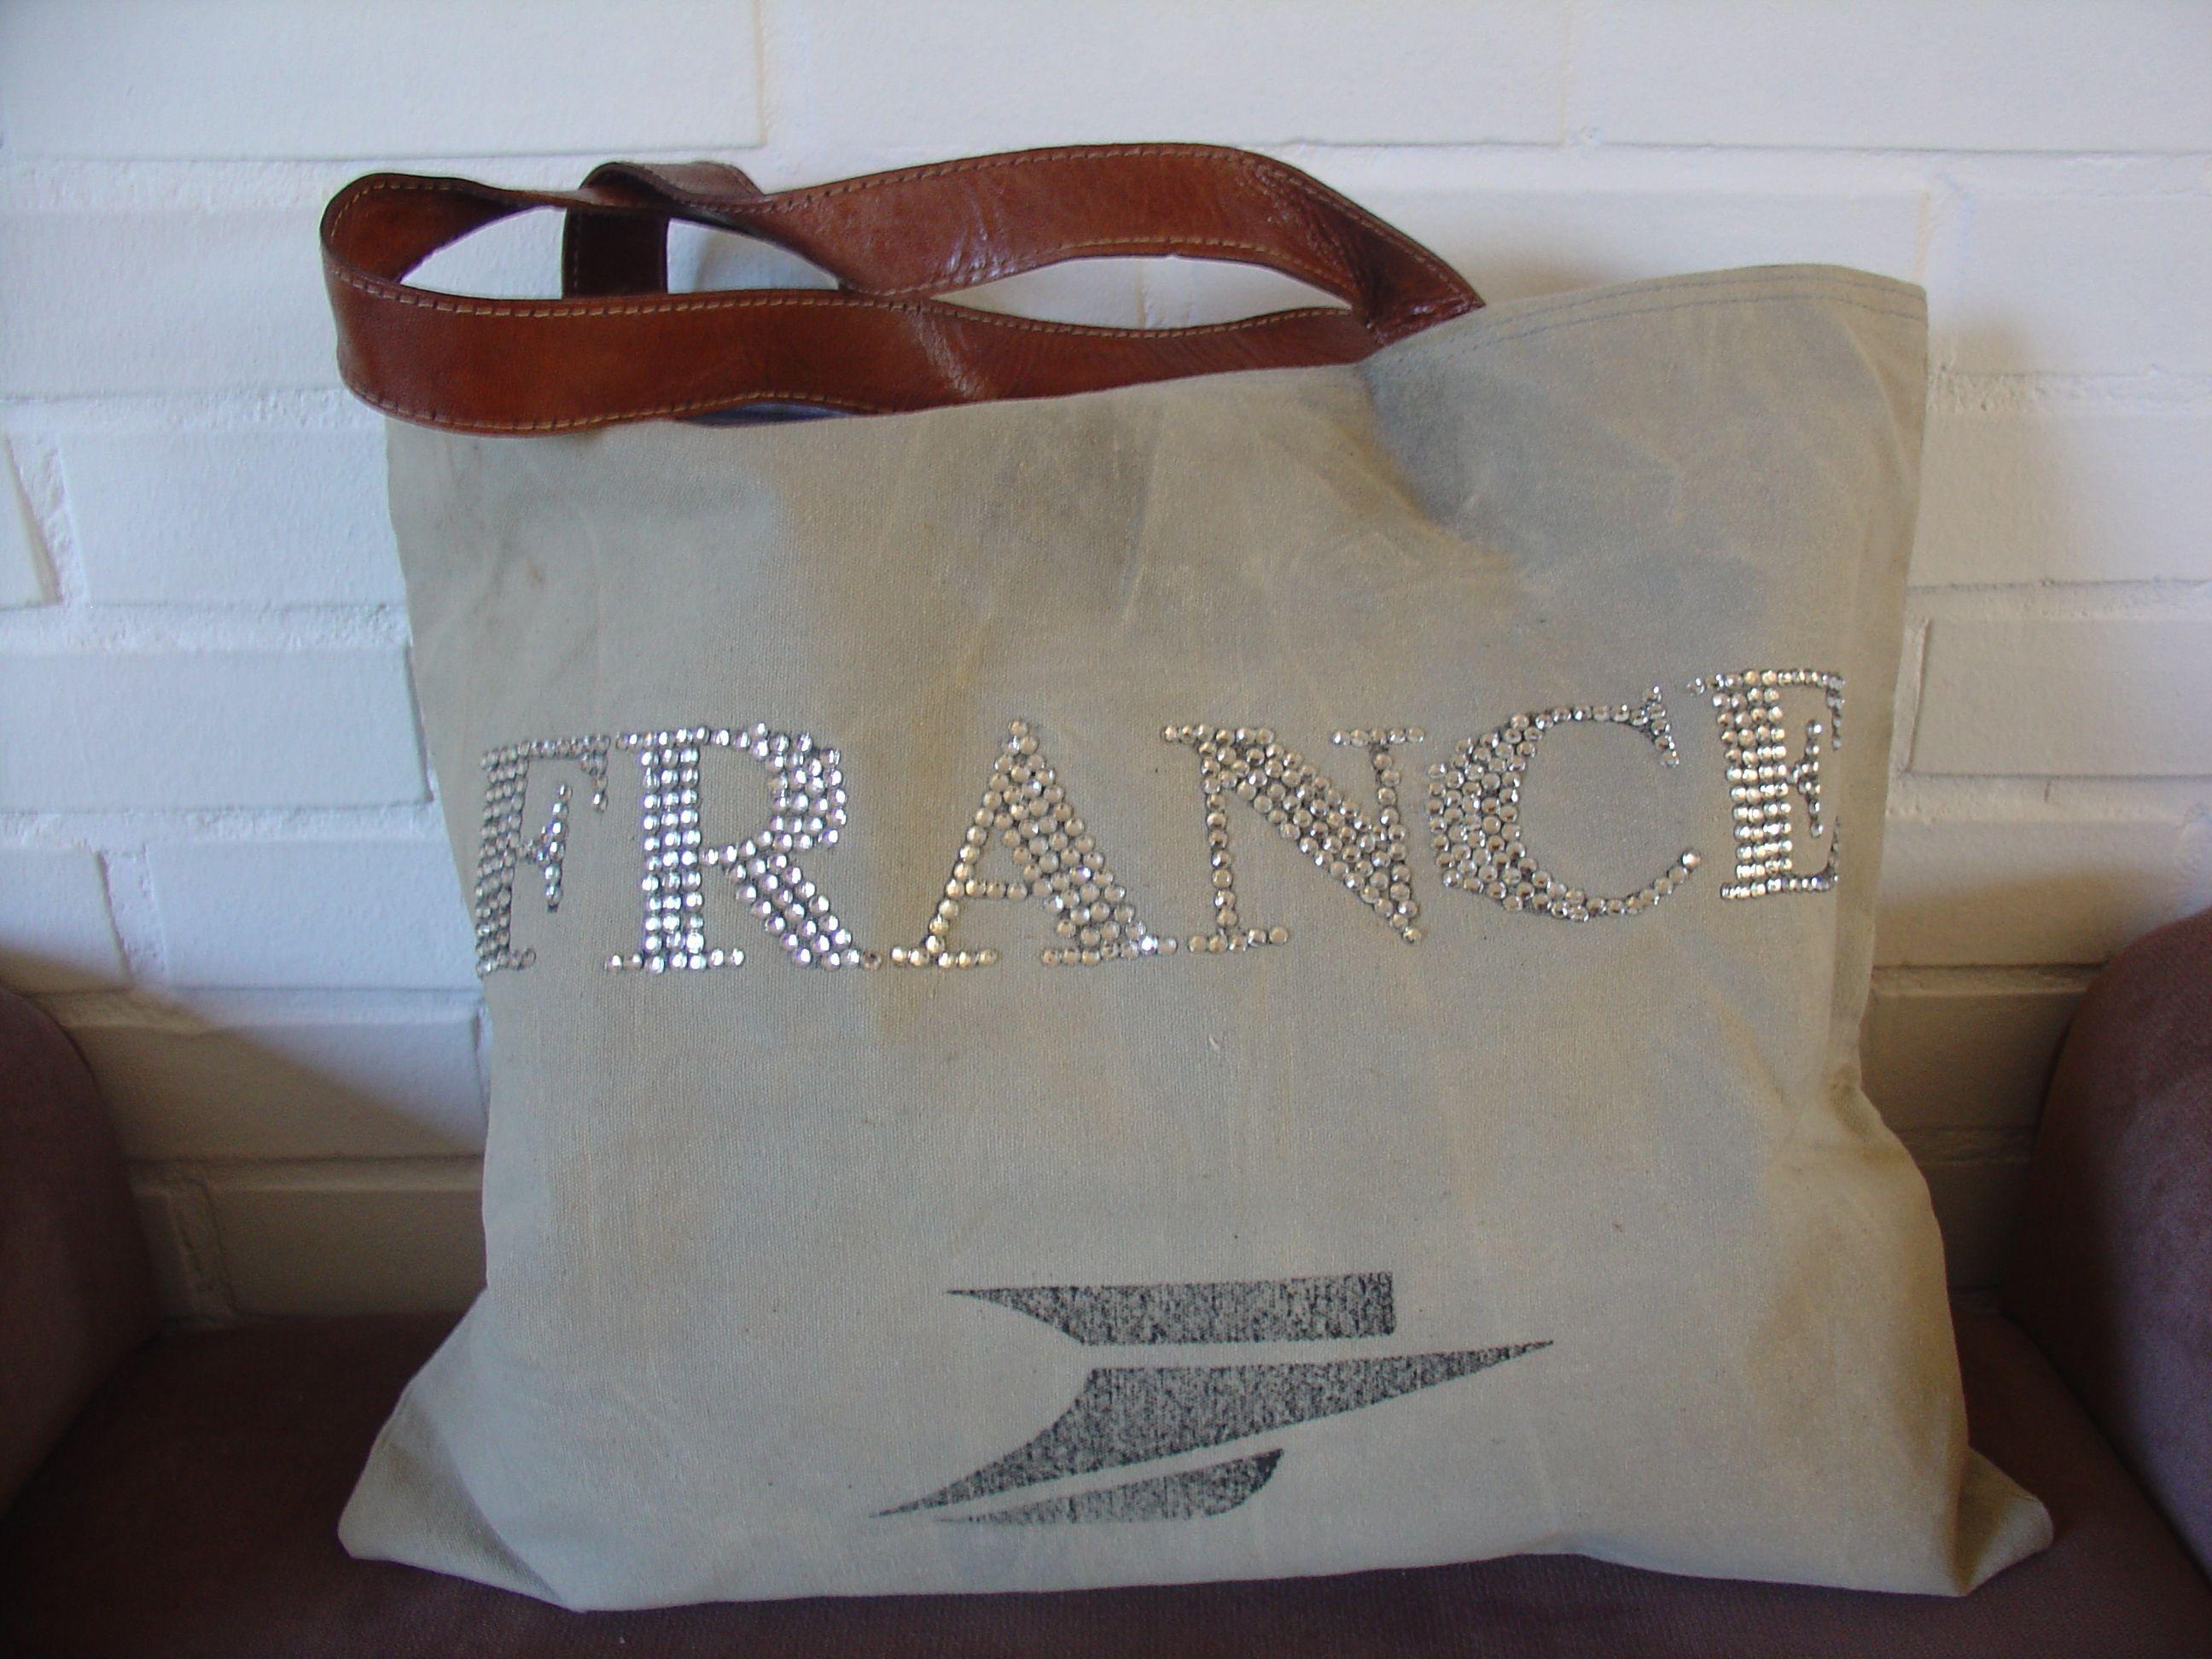 Cuir Anses Cabas De Accessoires Logo Mode France Sac La Poste q7TWcEgE5